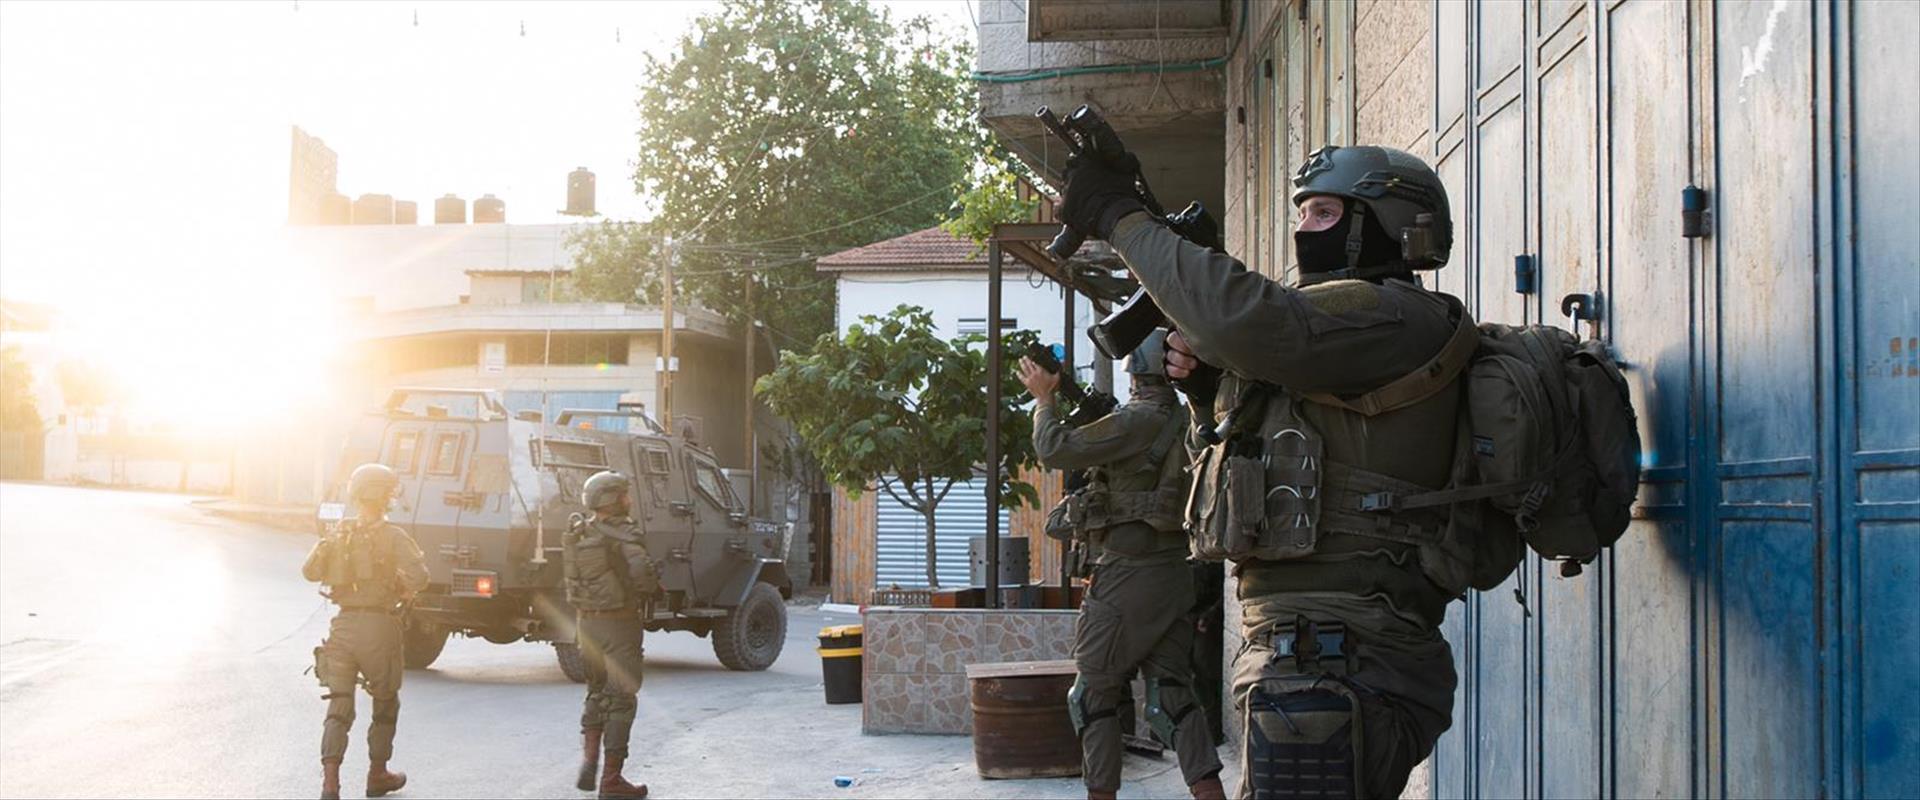 """פעילות צה""""ל למעצר חשודים במעורבות בפיגוע בצומת תפו"""